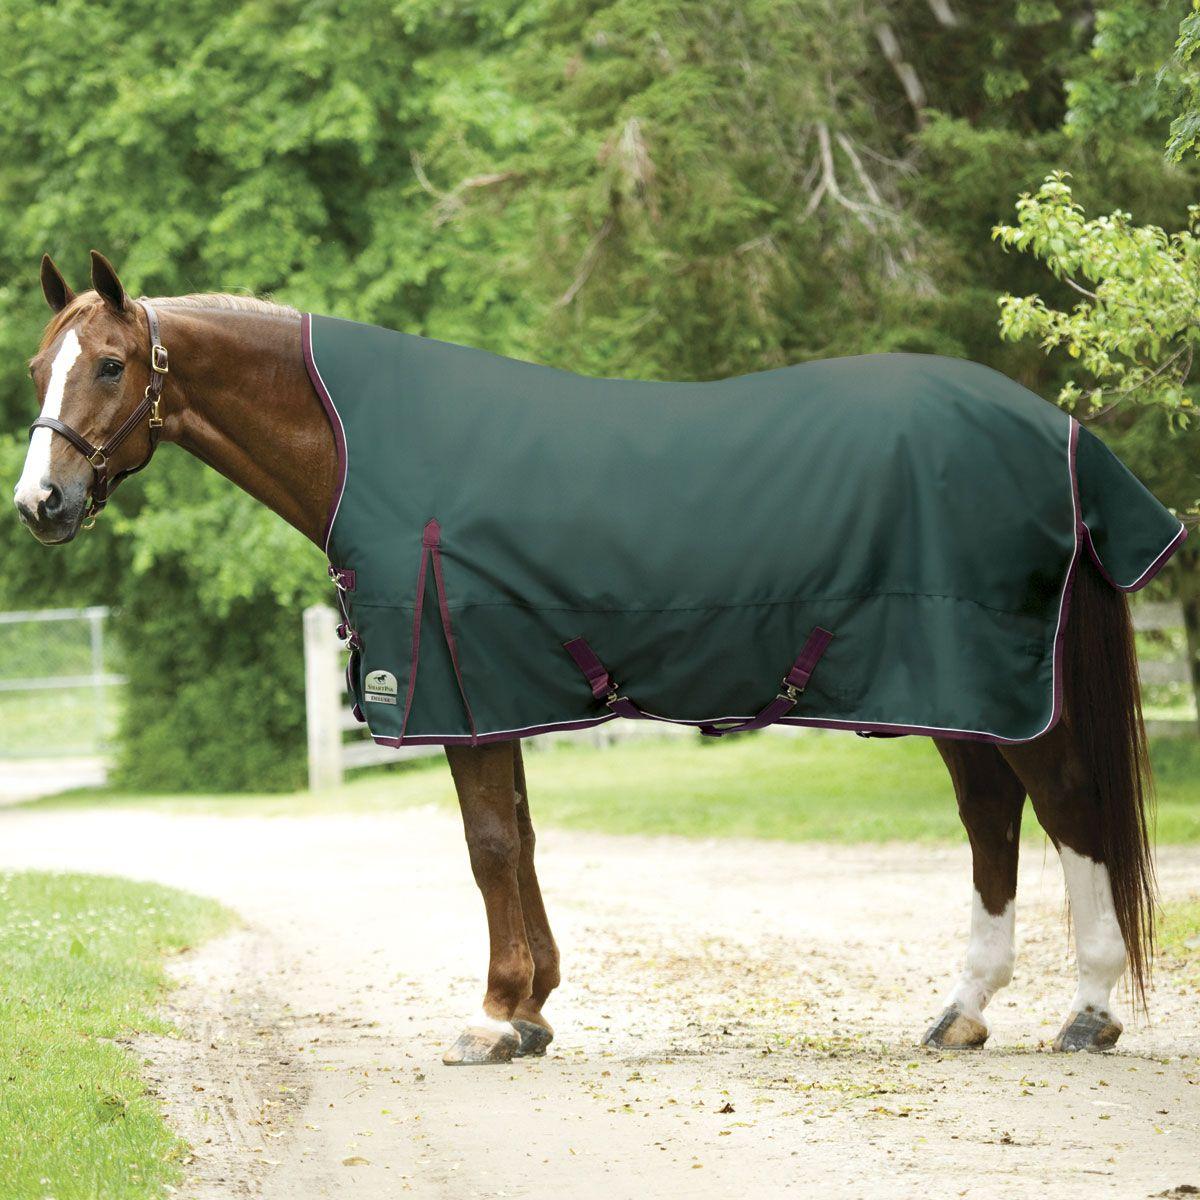 Smartpak Deluxe High Neck Turnout Blanket 159 95 169 95 Smartpak Horses Chestnut Horse